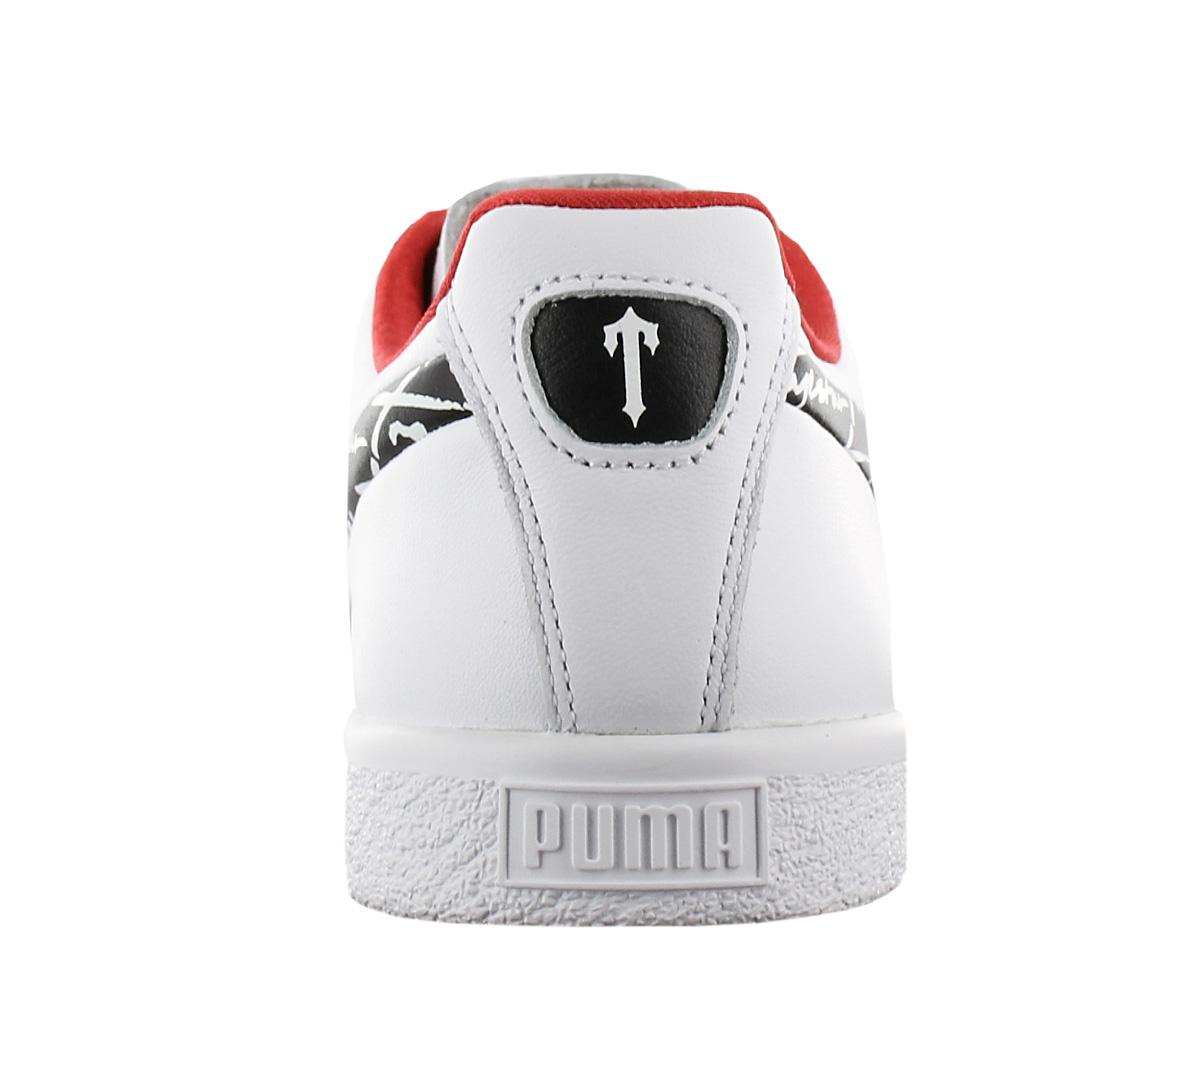 Détails sur Puma Clyde Trapstar Baskets Hommes Chaussures en Cuir Baskets Loisirs 364712 02